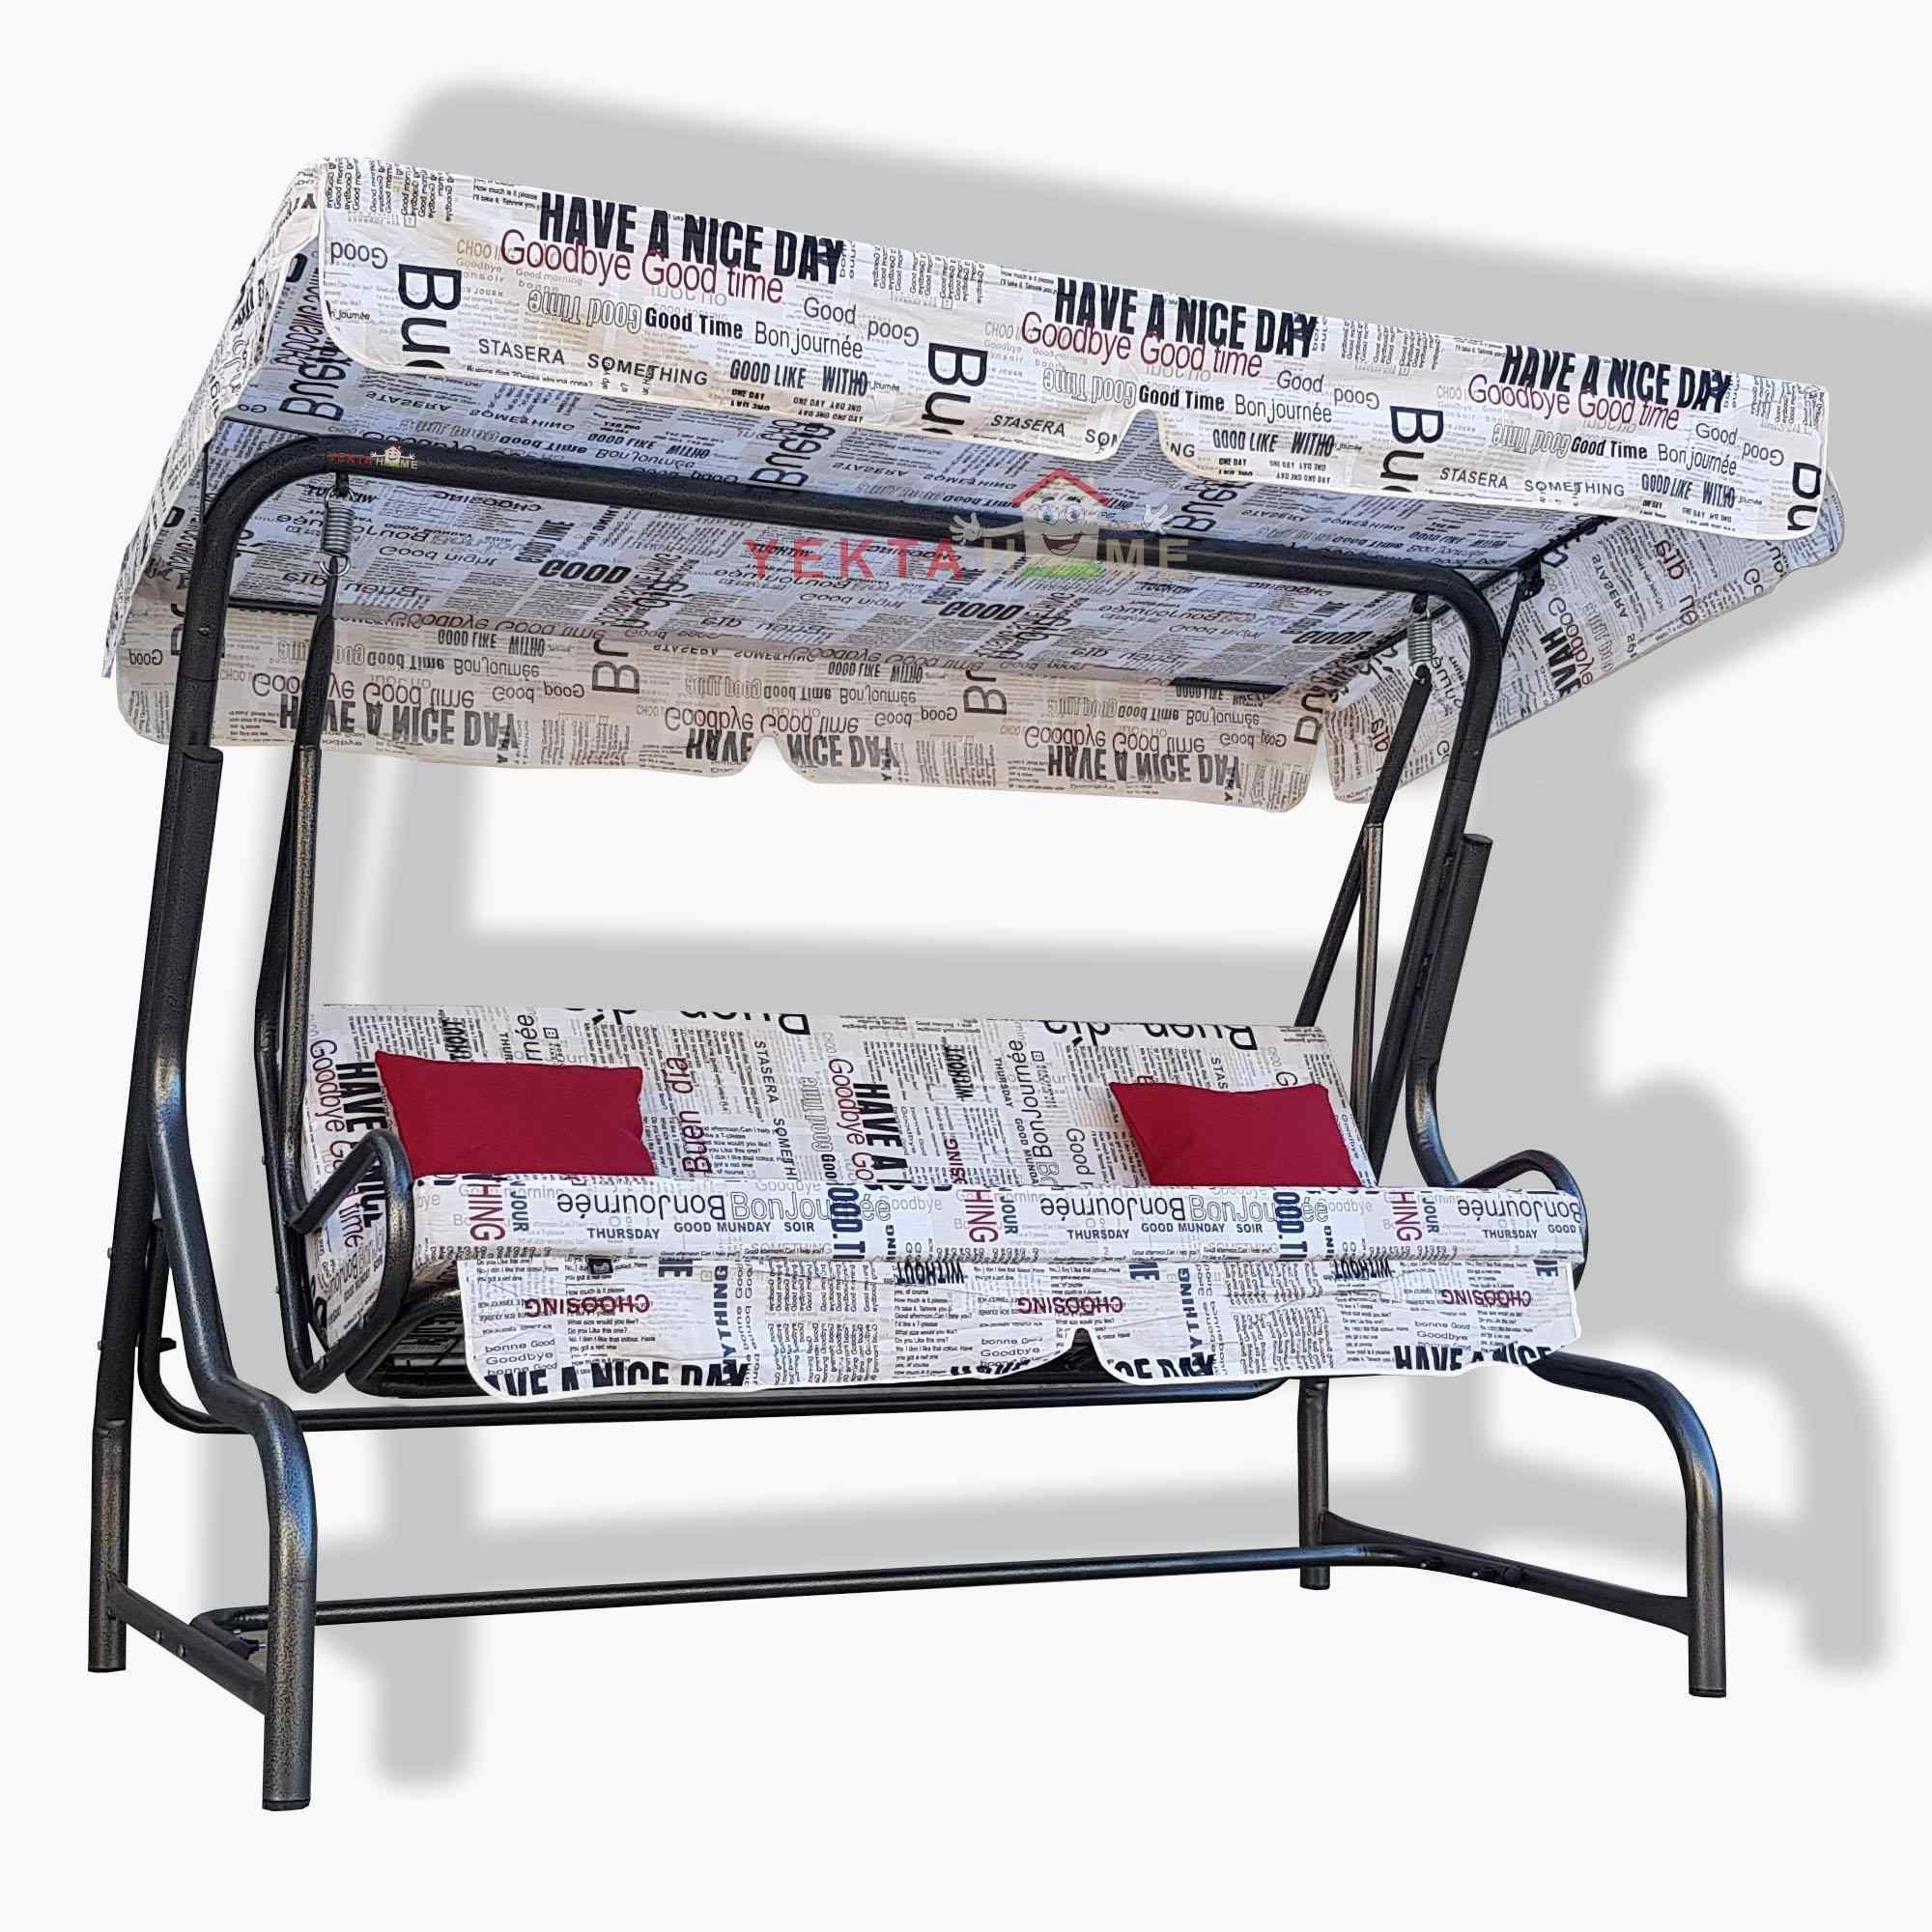 Yekta Gazete 3 Kişilik Bahçe Salıncağı Balkon Teras Salıncak 200 cm